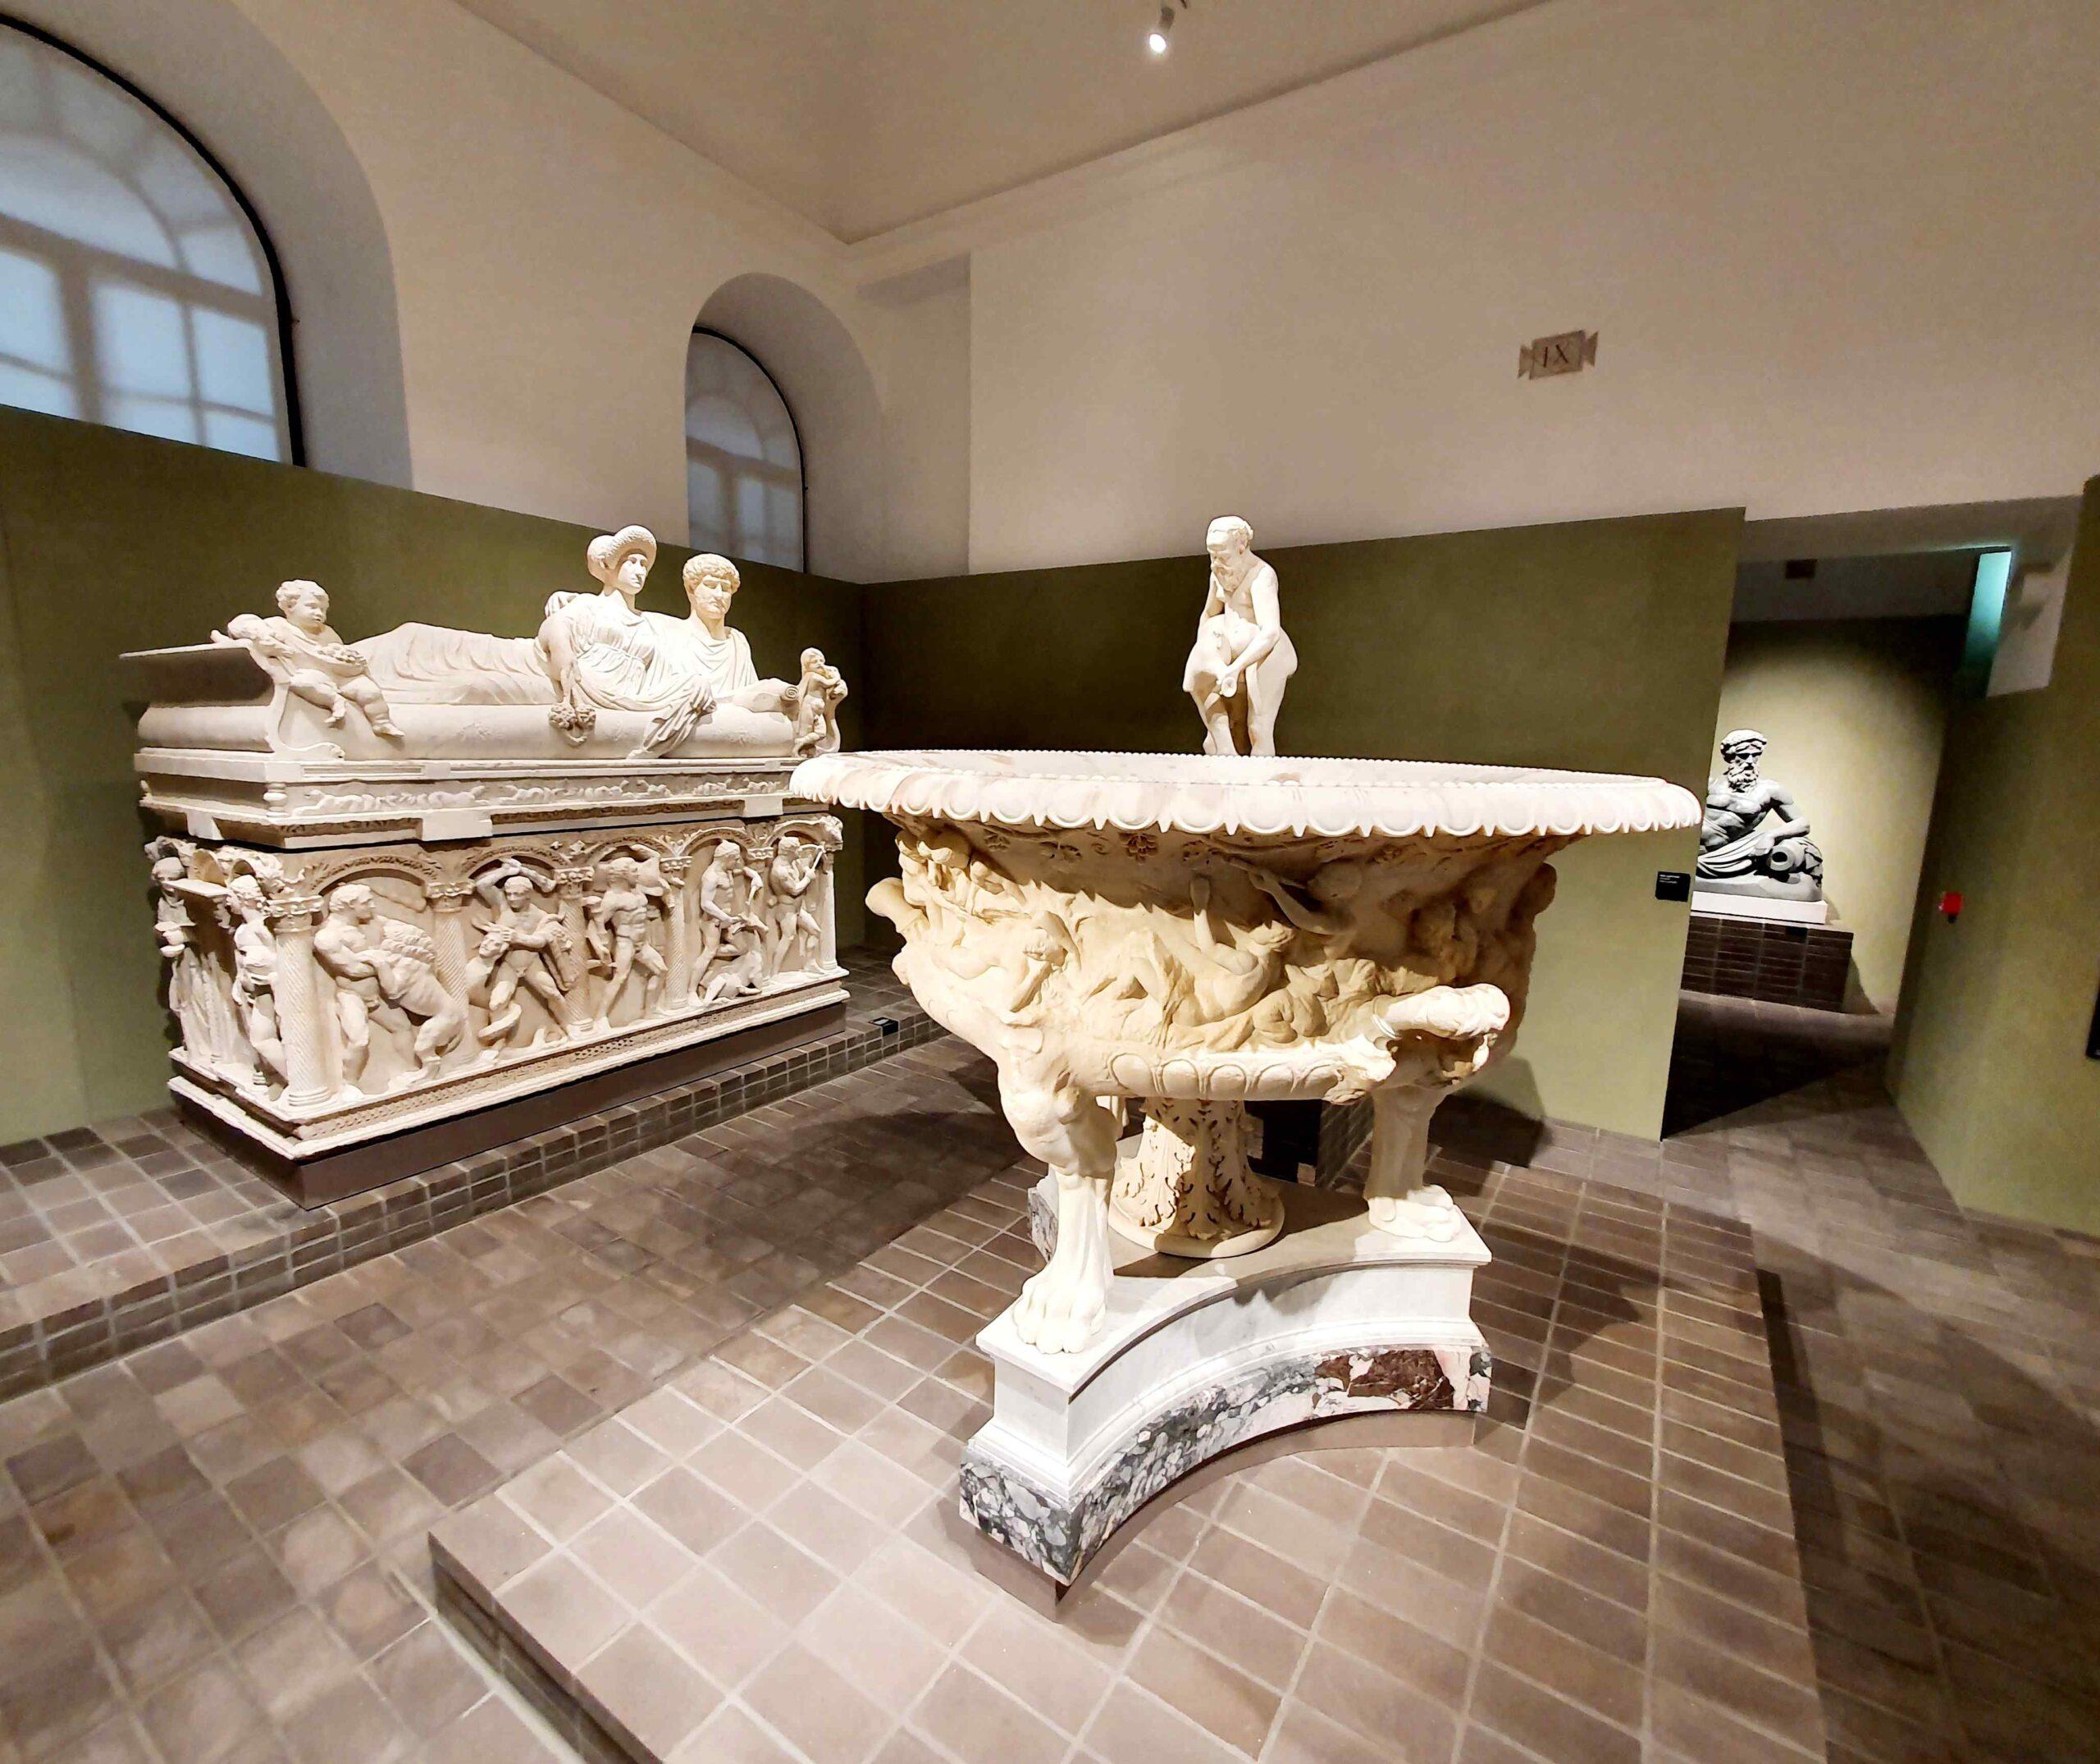 Marmi Torlonia. Collezionare Capolavori. La Mostra a Villa Zucchi di Roma. ph Massimiliano Tonelli